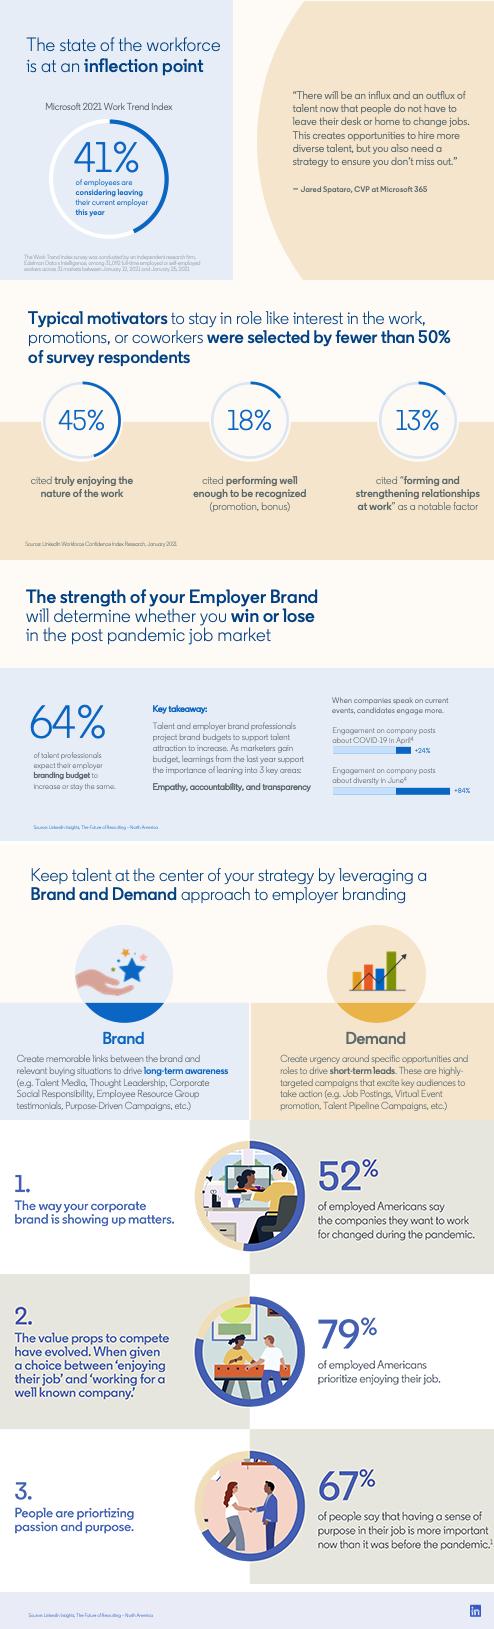 LinkedIn employer branding trends